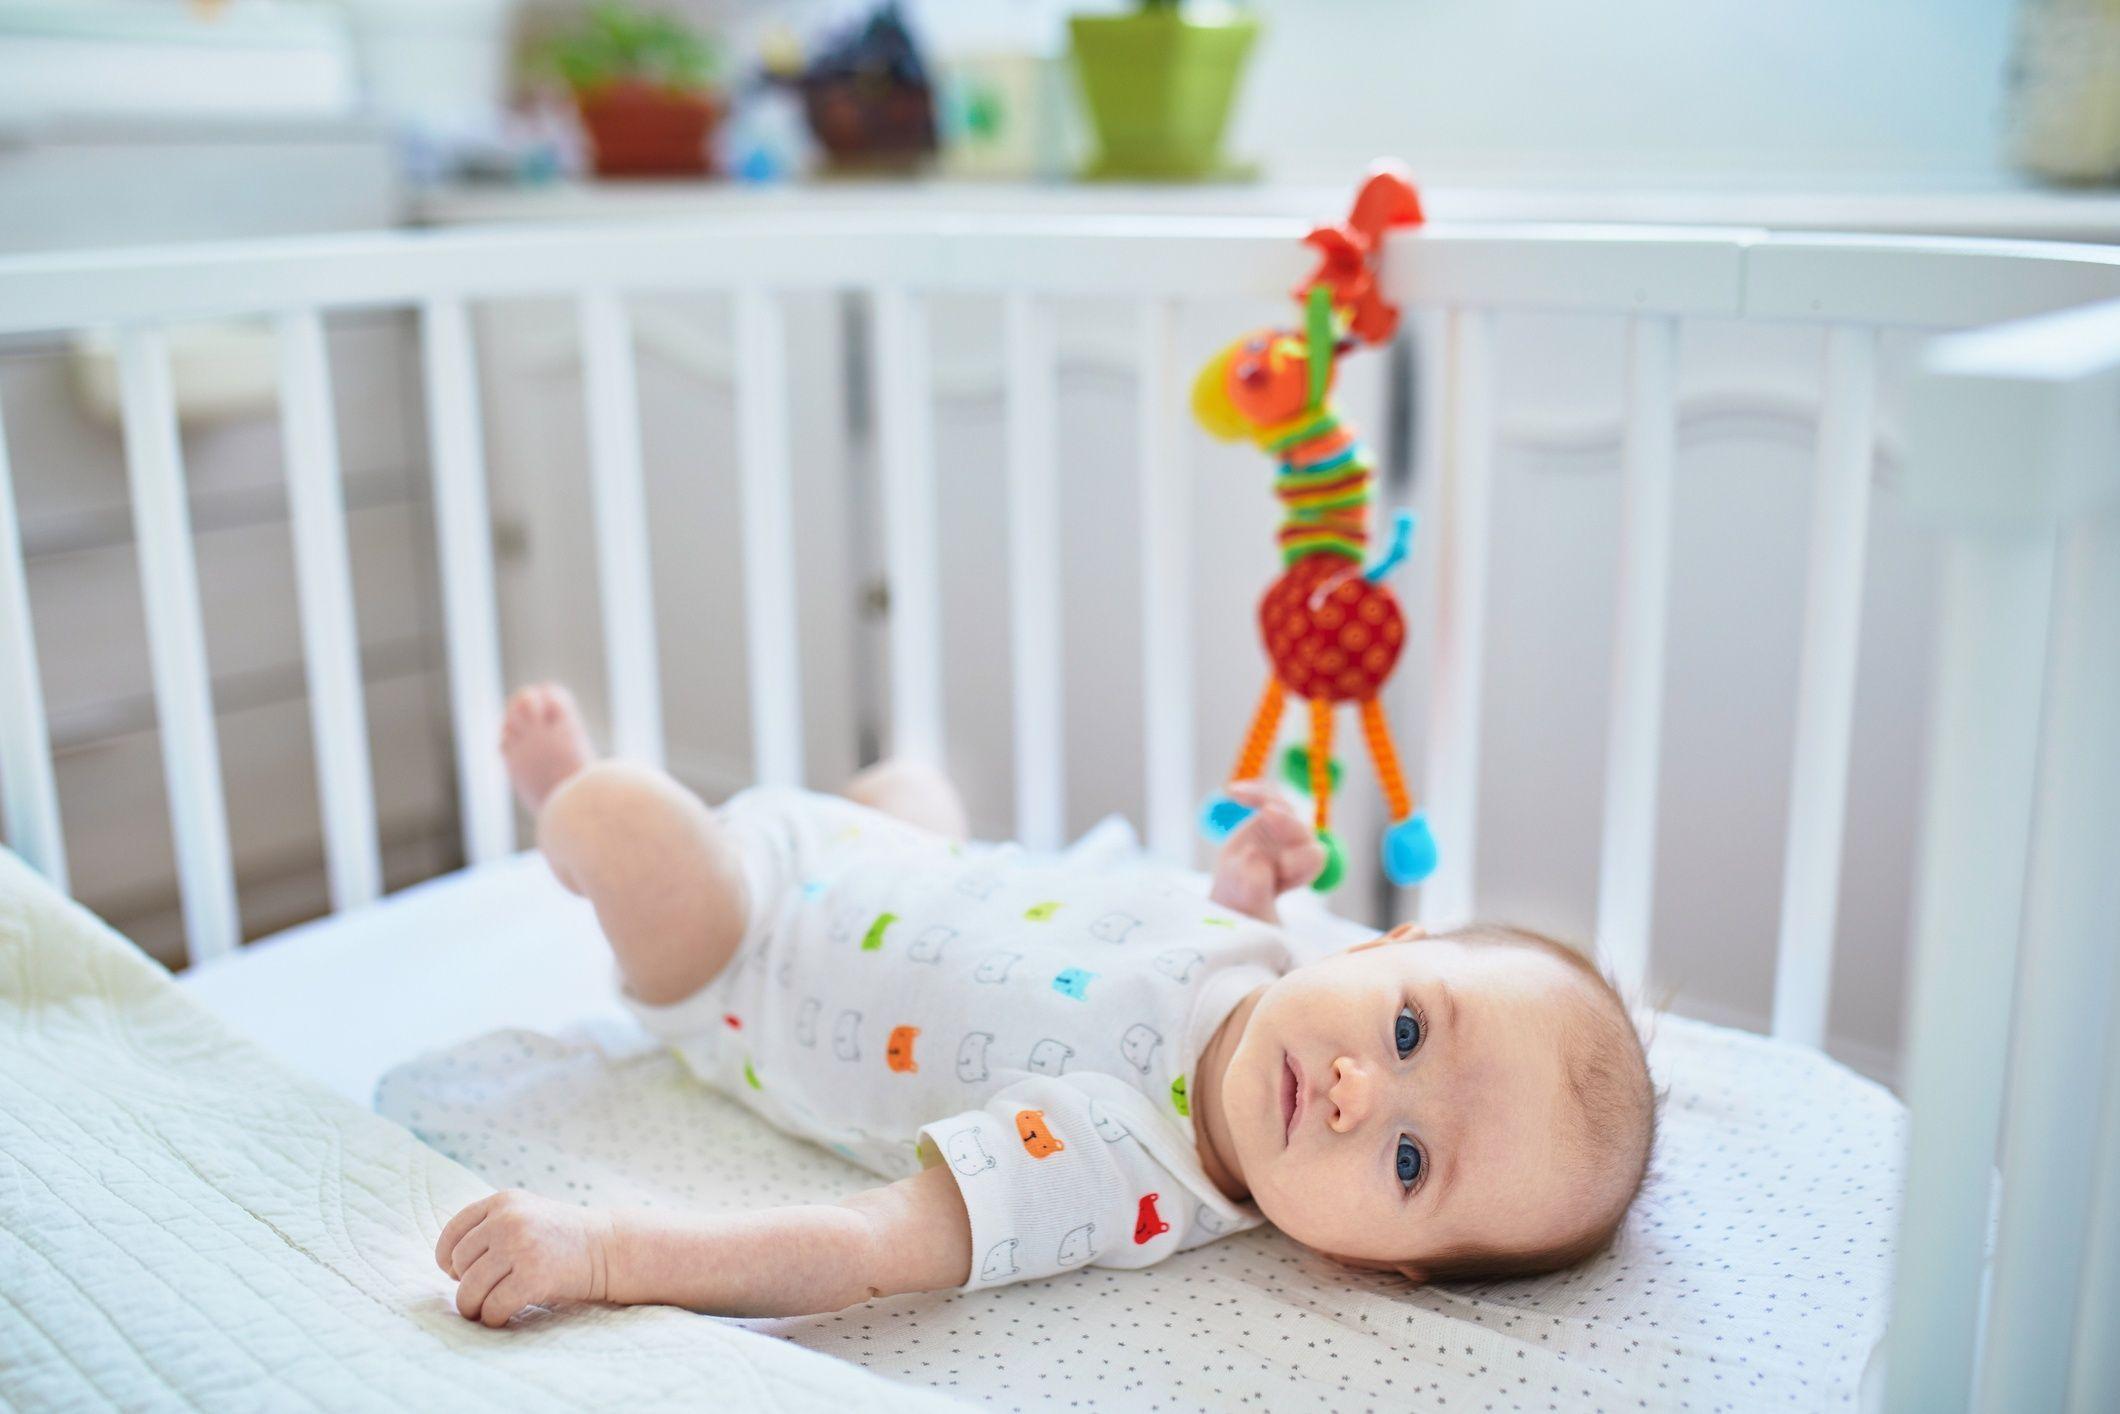 Quels Jeux Et Jouets D'éveil Pour Bébé ? - Doctissimo destiné Jeux Pour Bébé 2 Ans